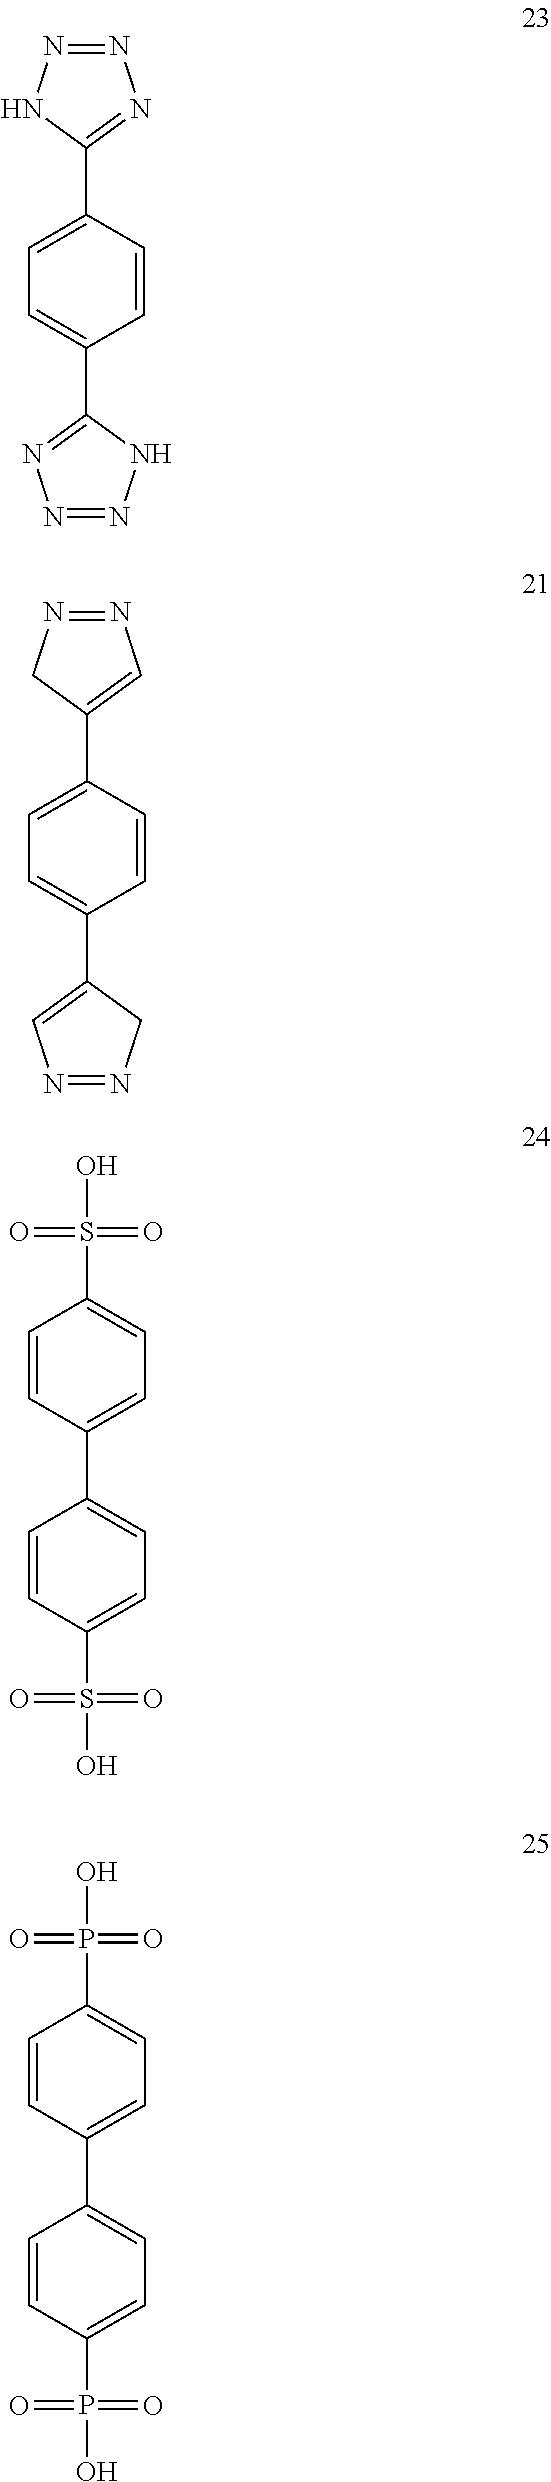 Figure US09630163-20170425-C00005